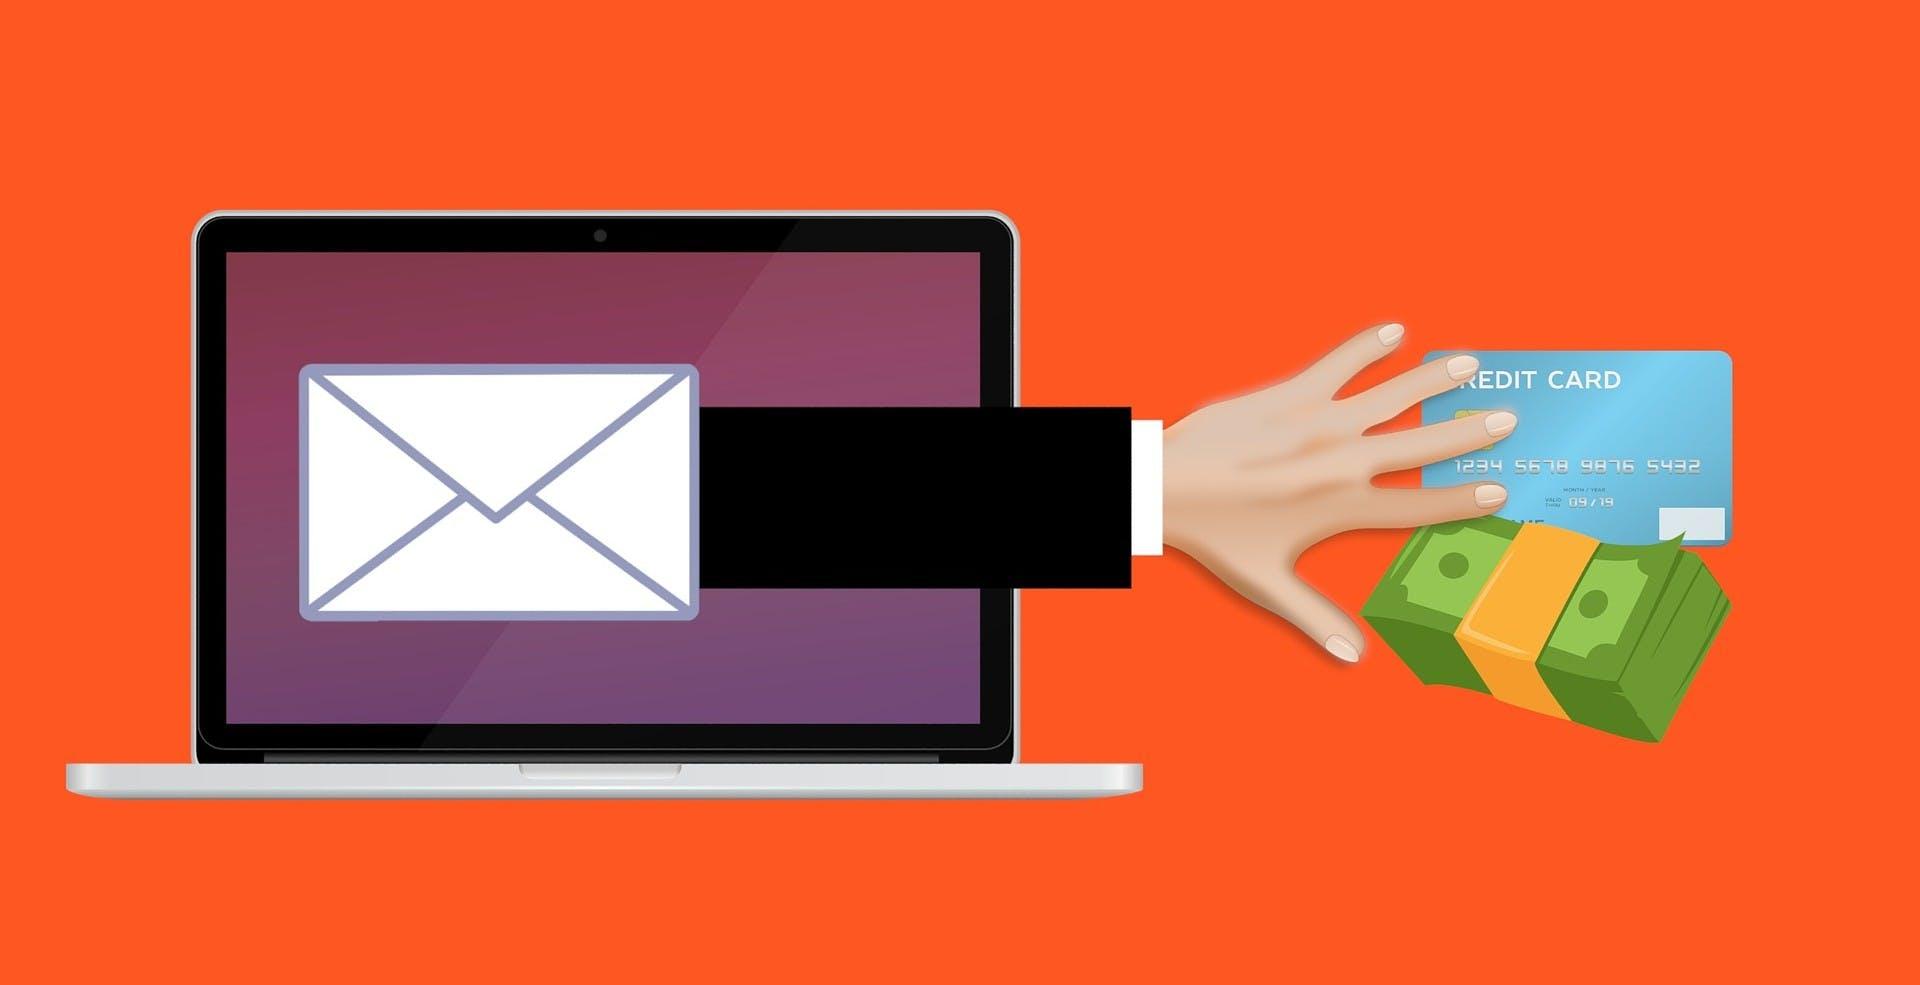 """Intesa San Paolo e Unicredit coinvolte da attacchi di phishing. Bitdefender: """"I criminali ci riproveranno"""""""